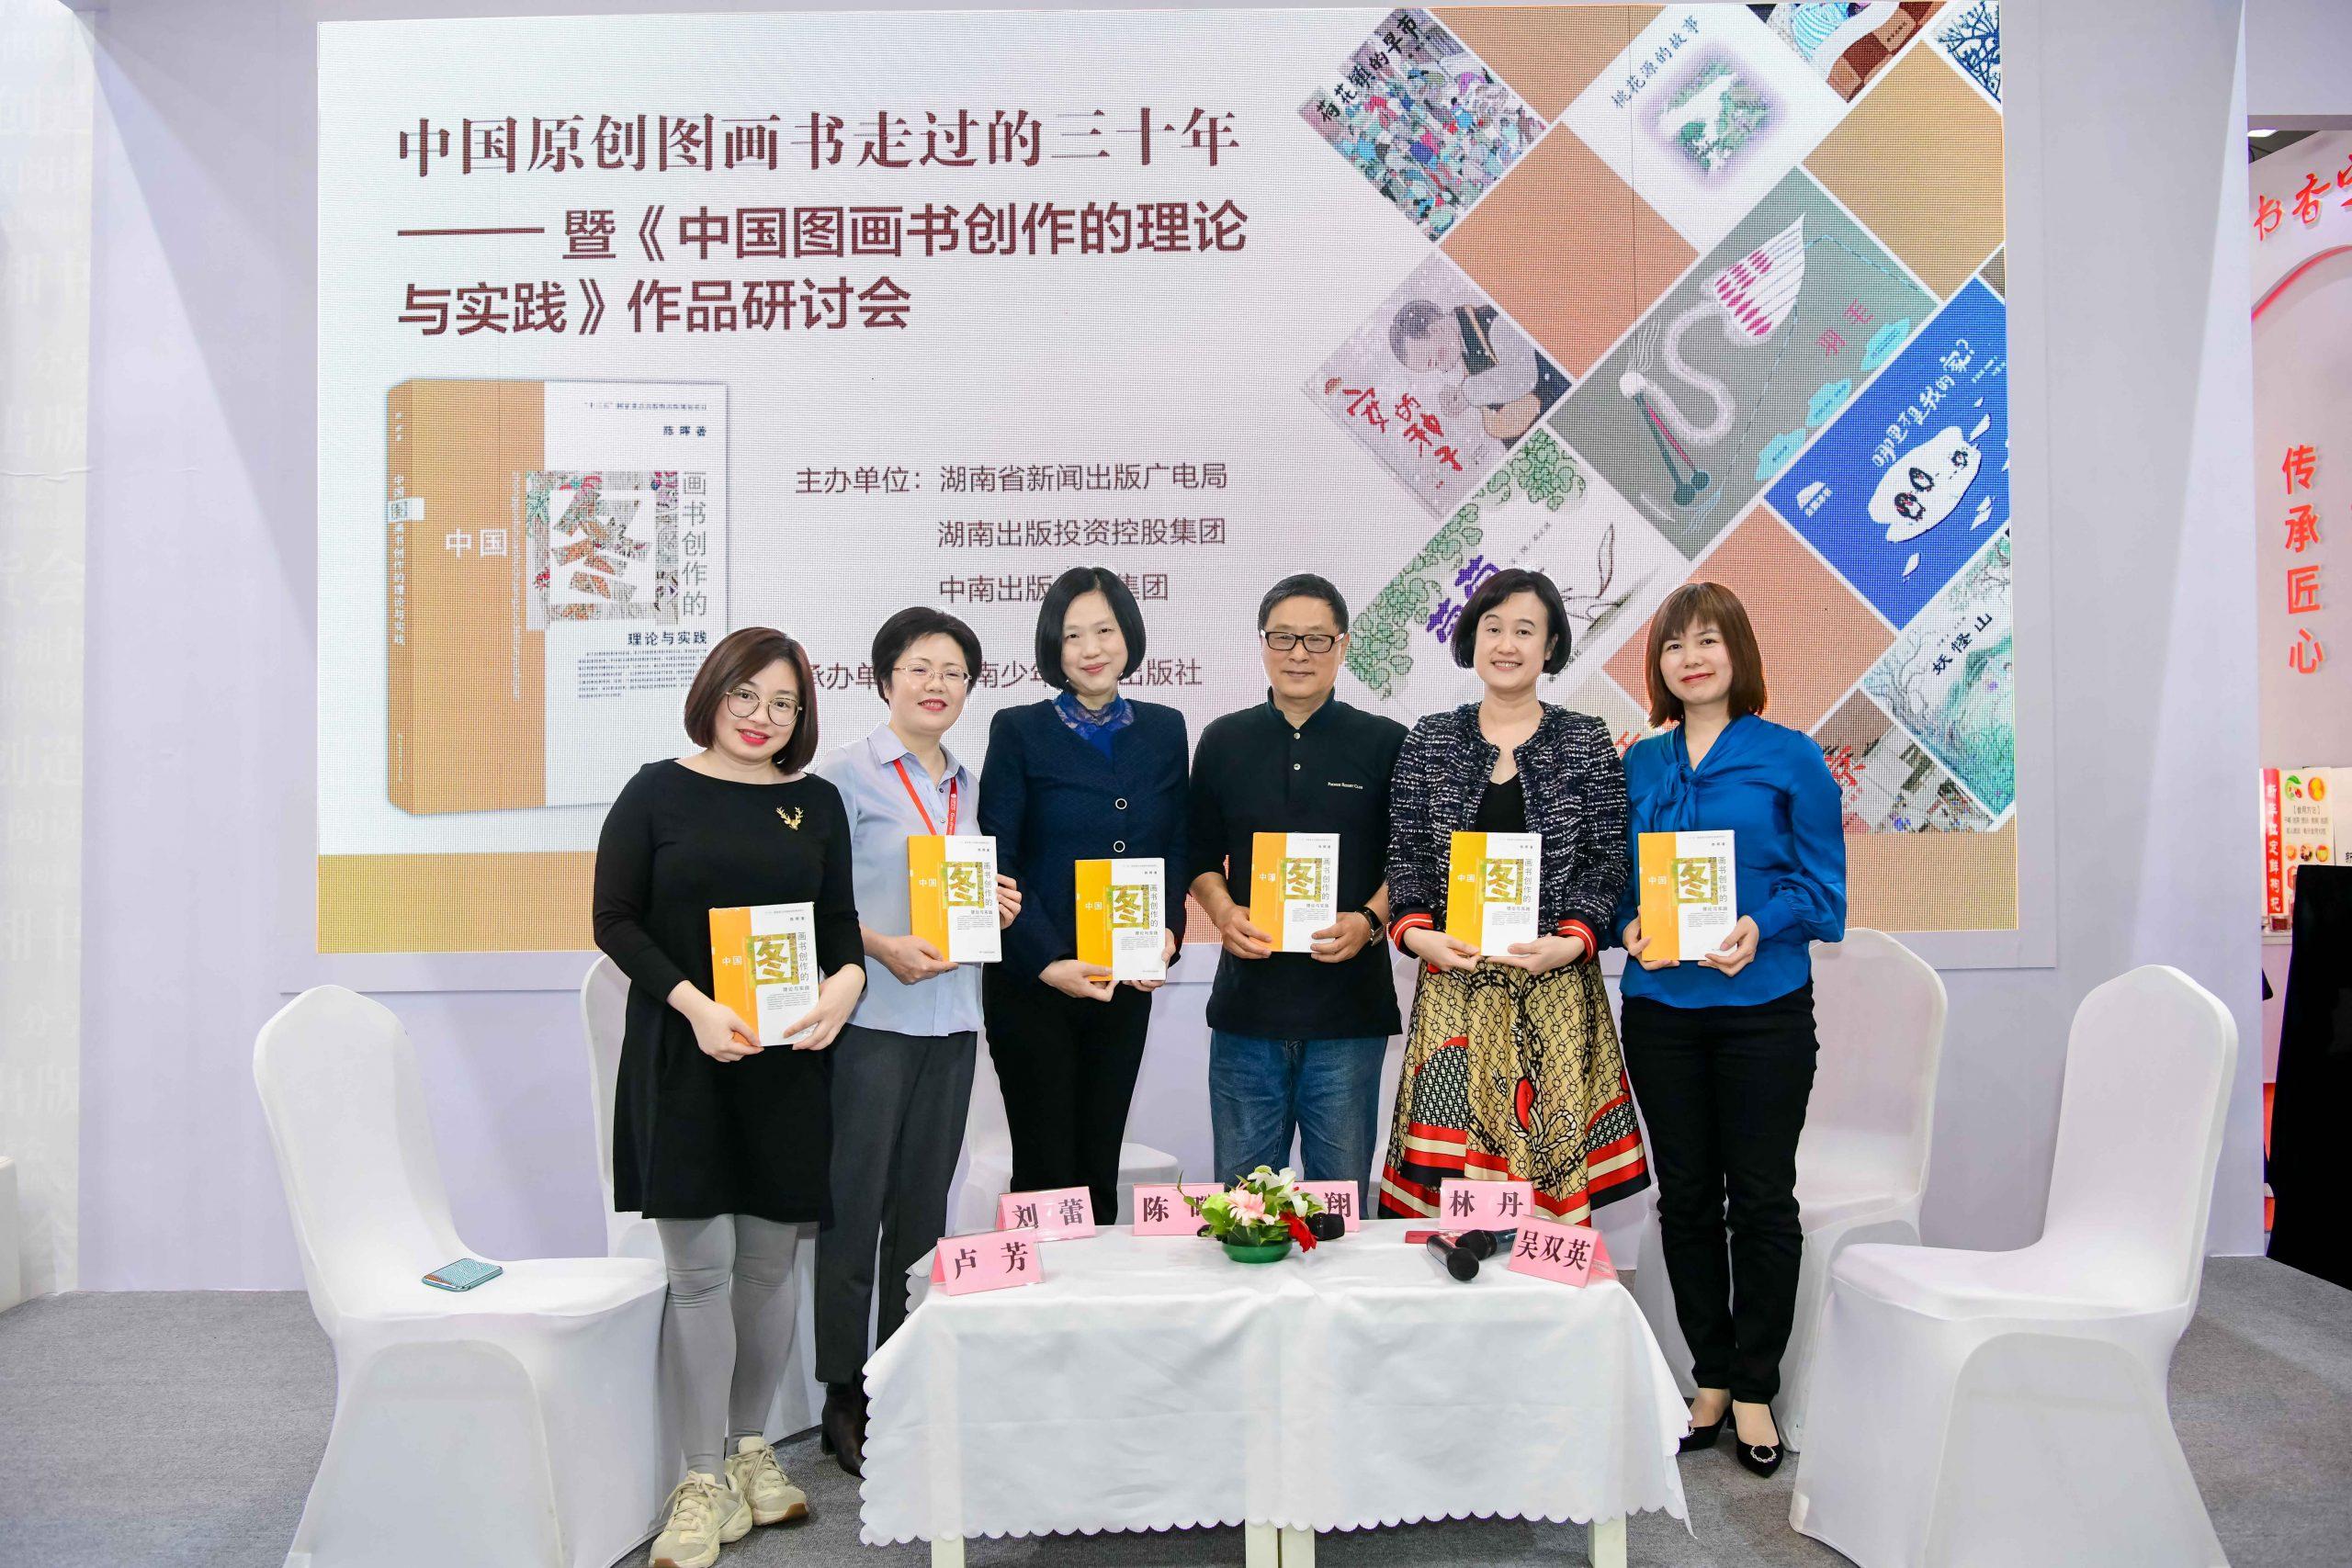 中国原创图画书走过的三十年 ——暨《中国图画书创作的理论与实践》作品研讨会成功在京举办-出版人杂志官网